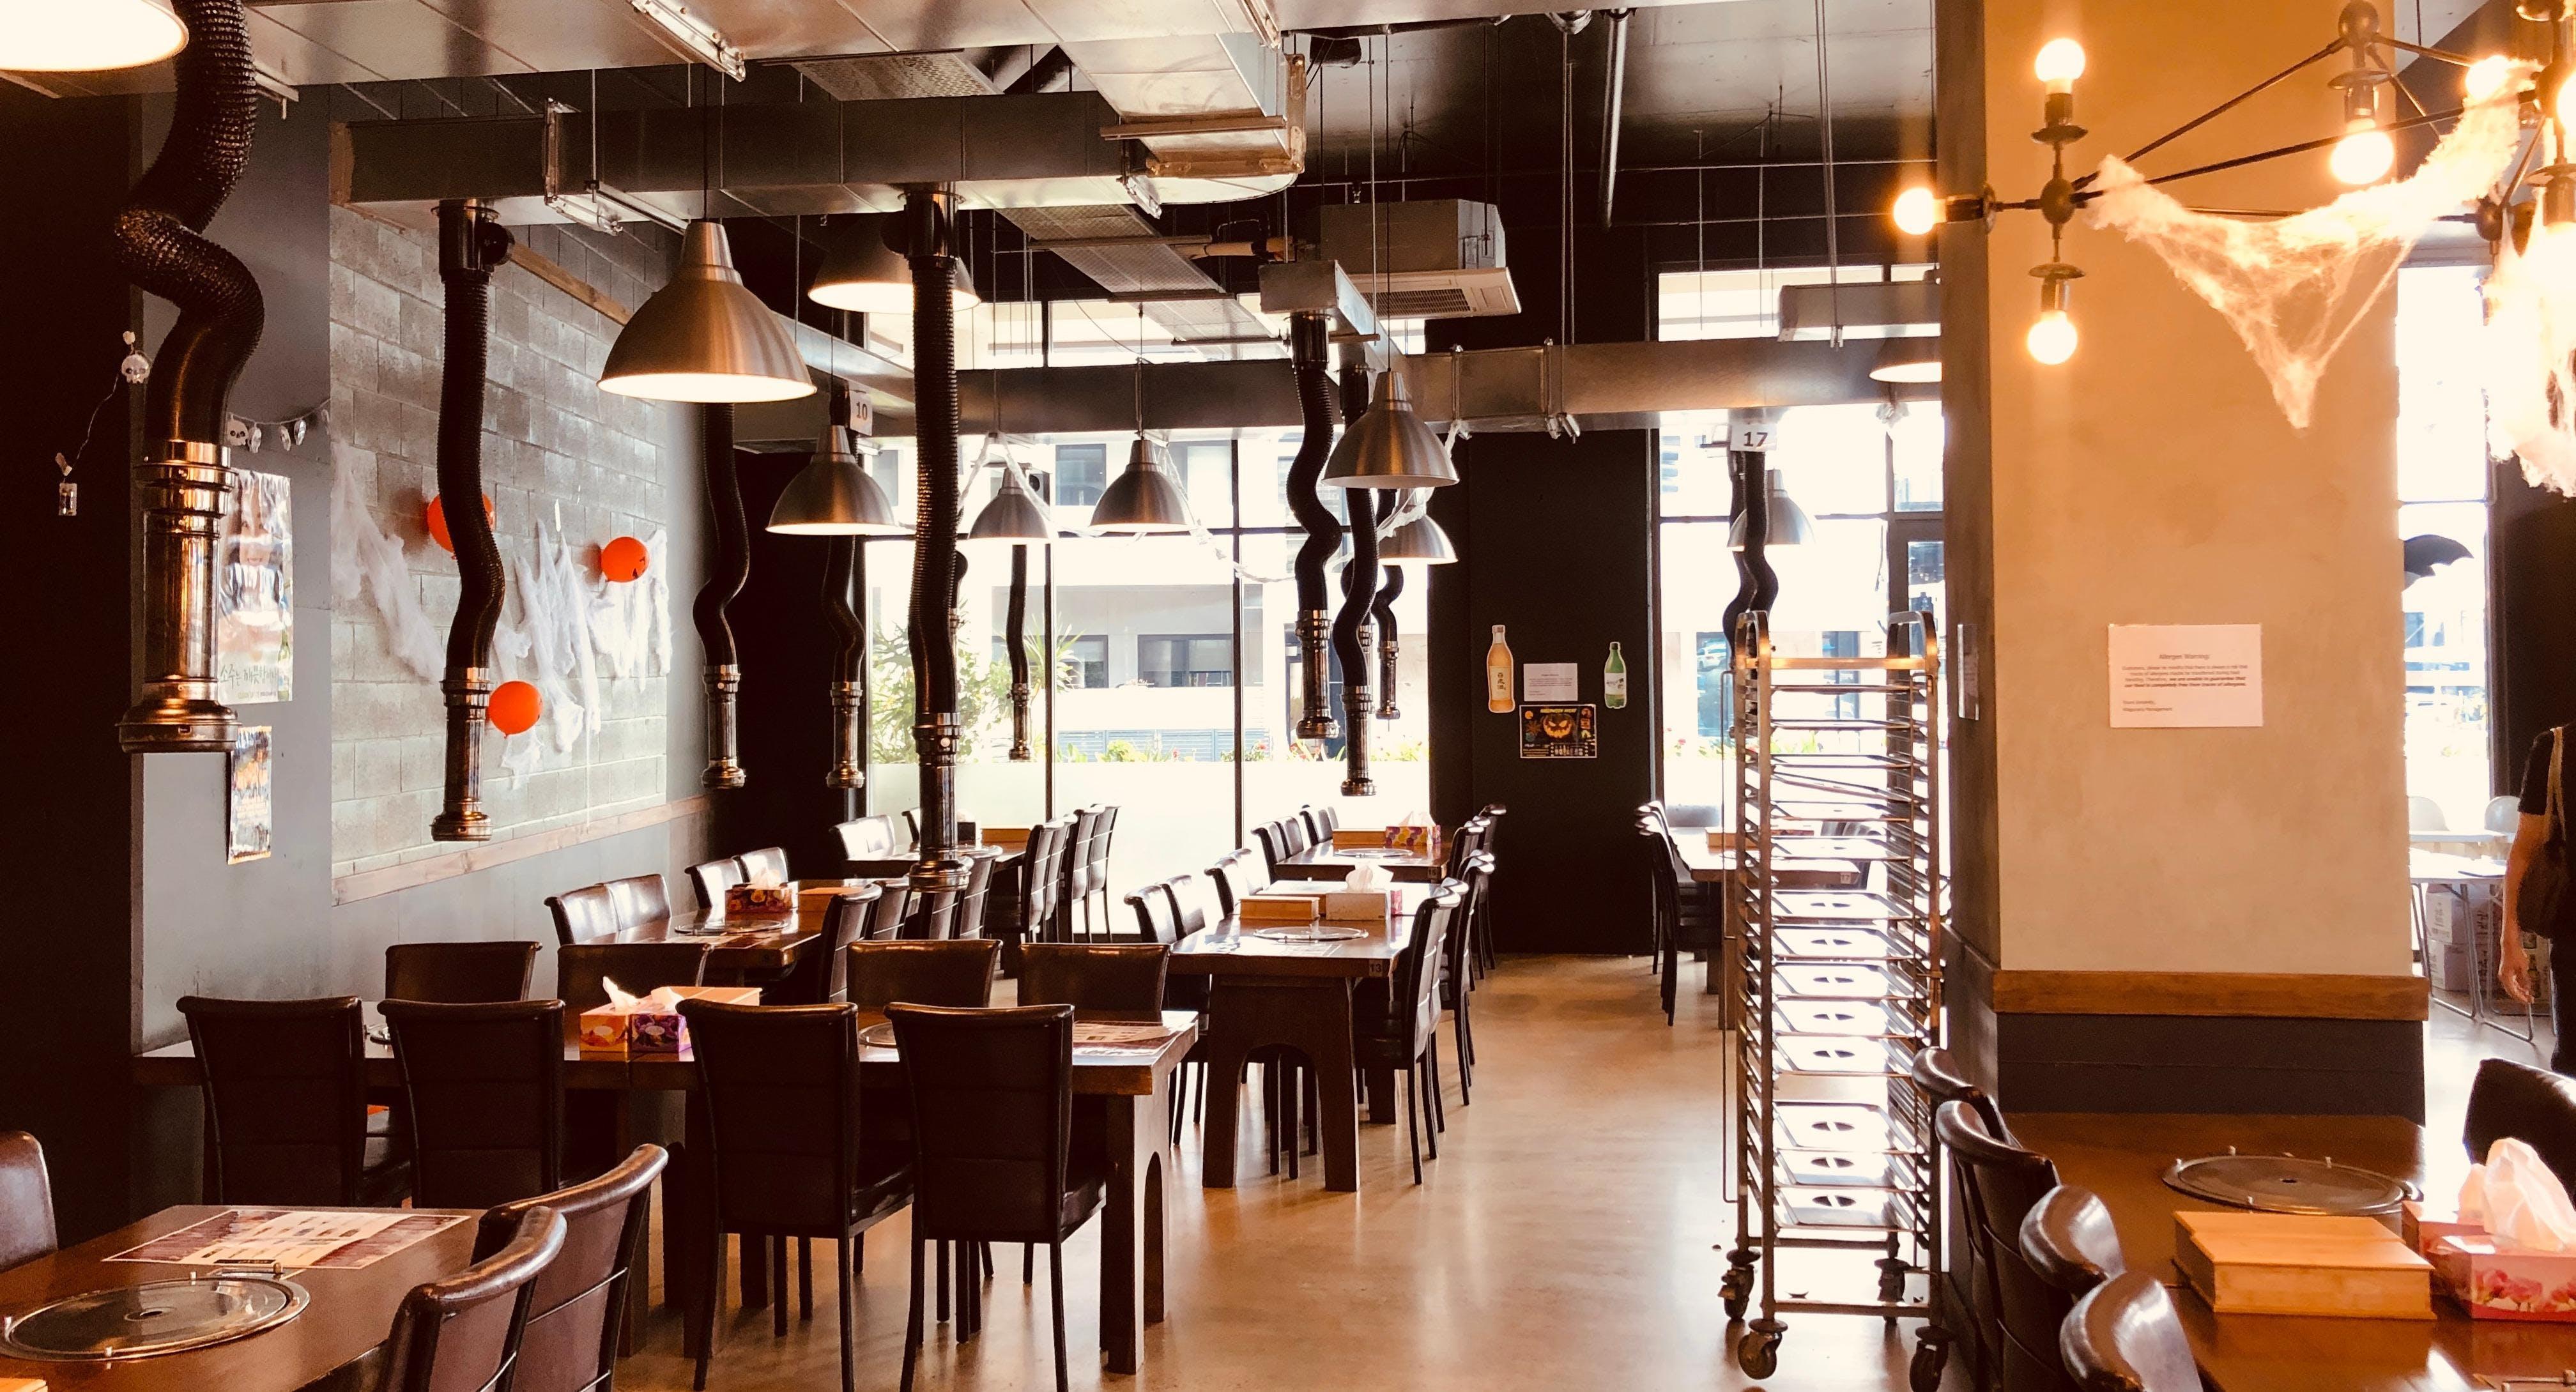 Wagyu Nara Korean BBQ Restaurant Sydney image 2